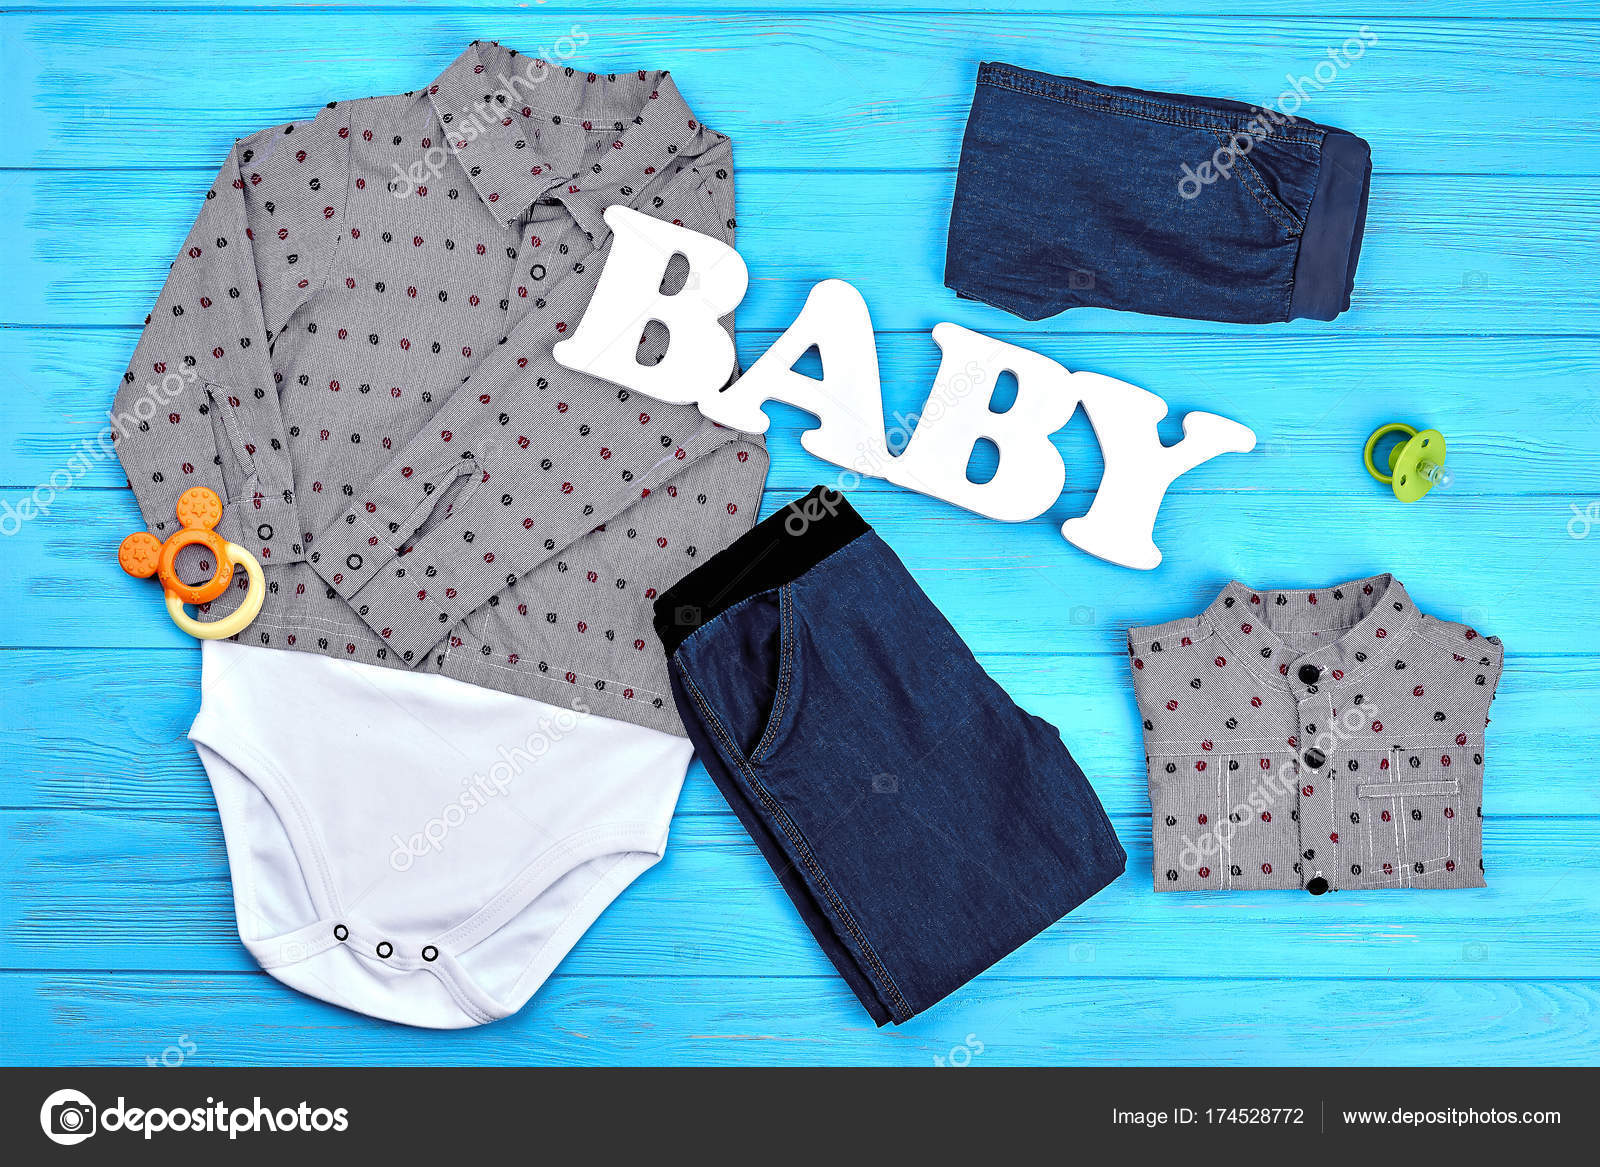 301efcb1f0 Φόντο ρούχα αγοράκι μόδα — Φωτογραφία Αρχείου · Αγοράκι μόδας ενδύματα  φόντο. Βρεφικό αγόρι trendy ενδυμασία για την πώληση. Μικρό ιστορικό  ντύσιμο αγοριών ...